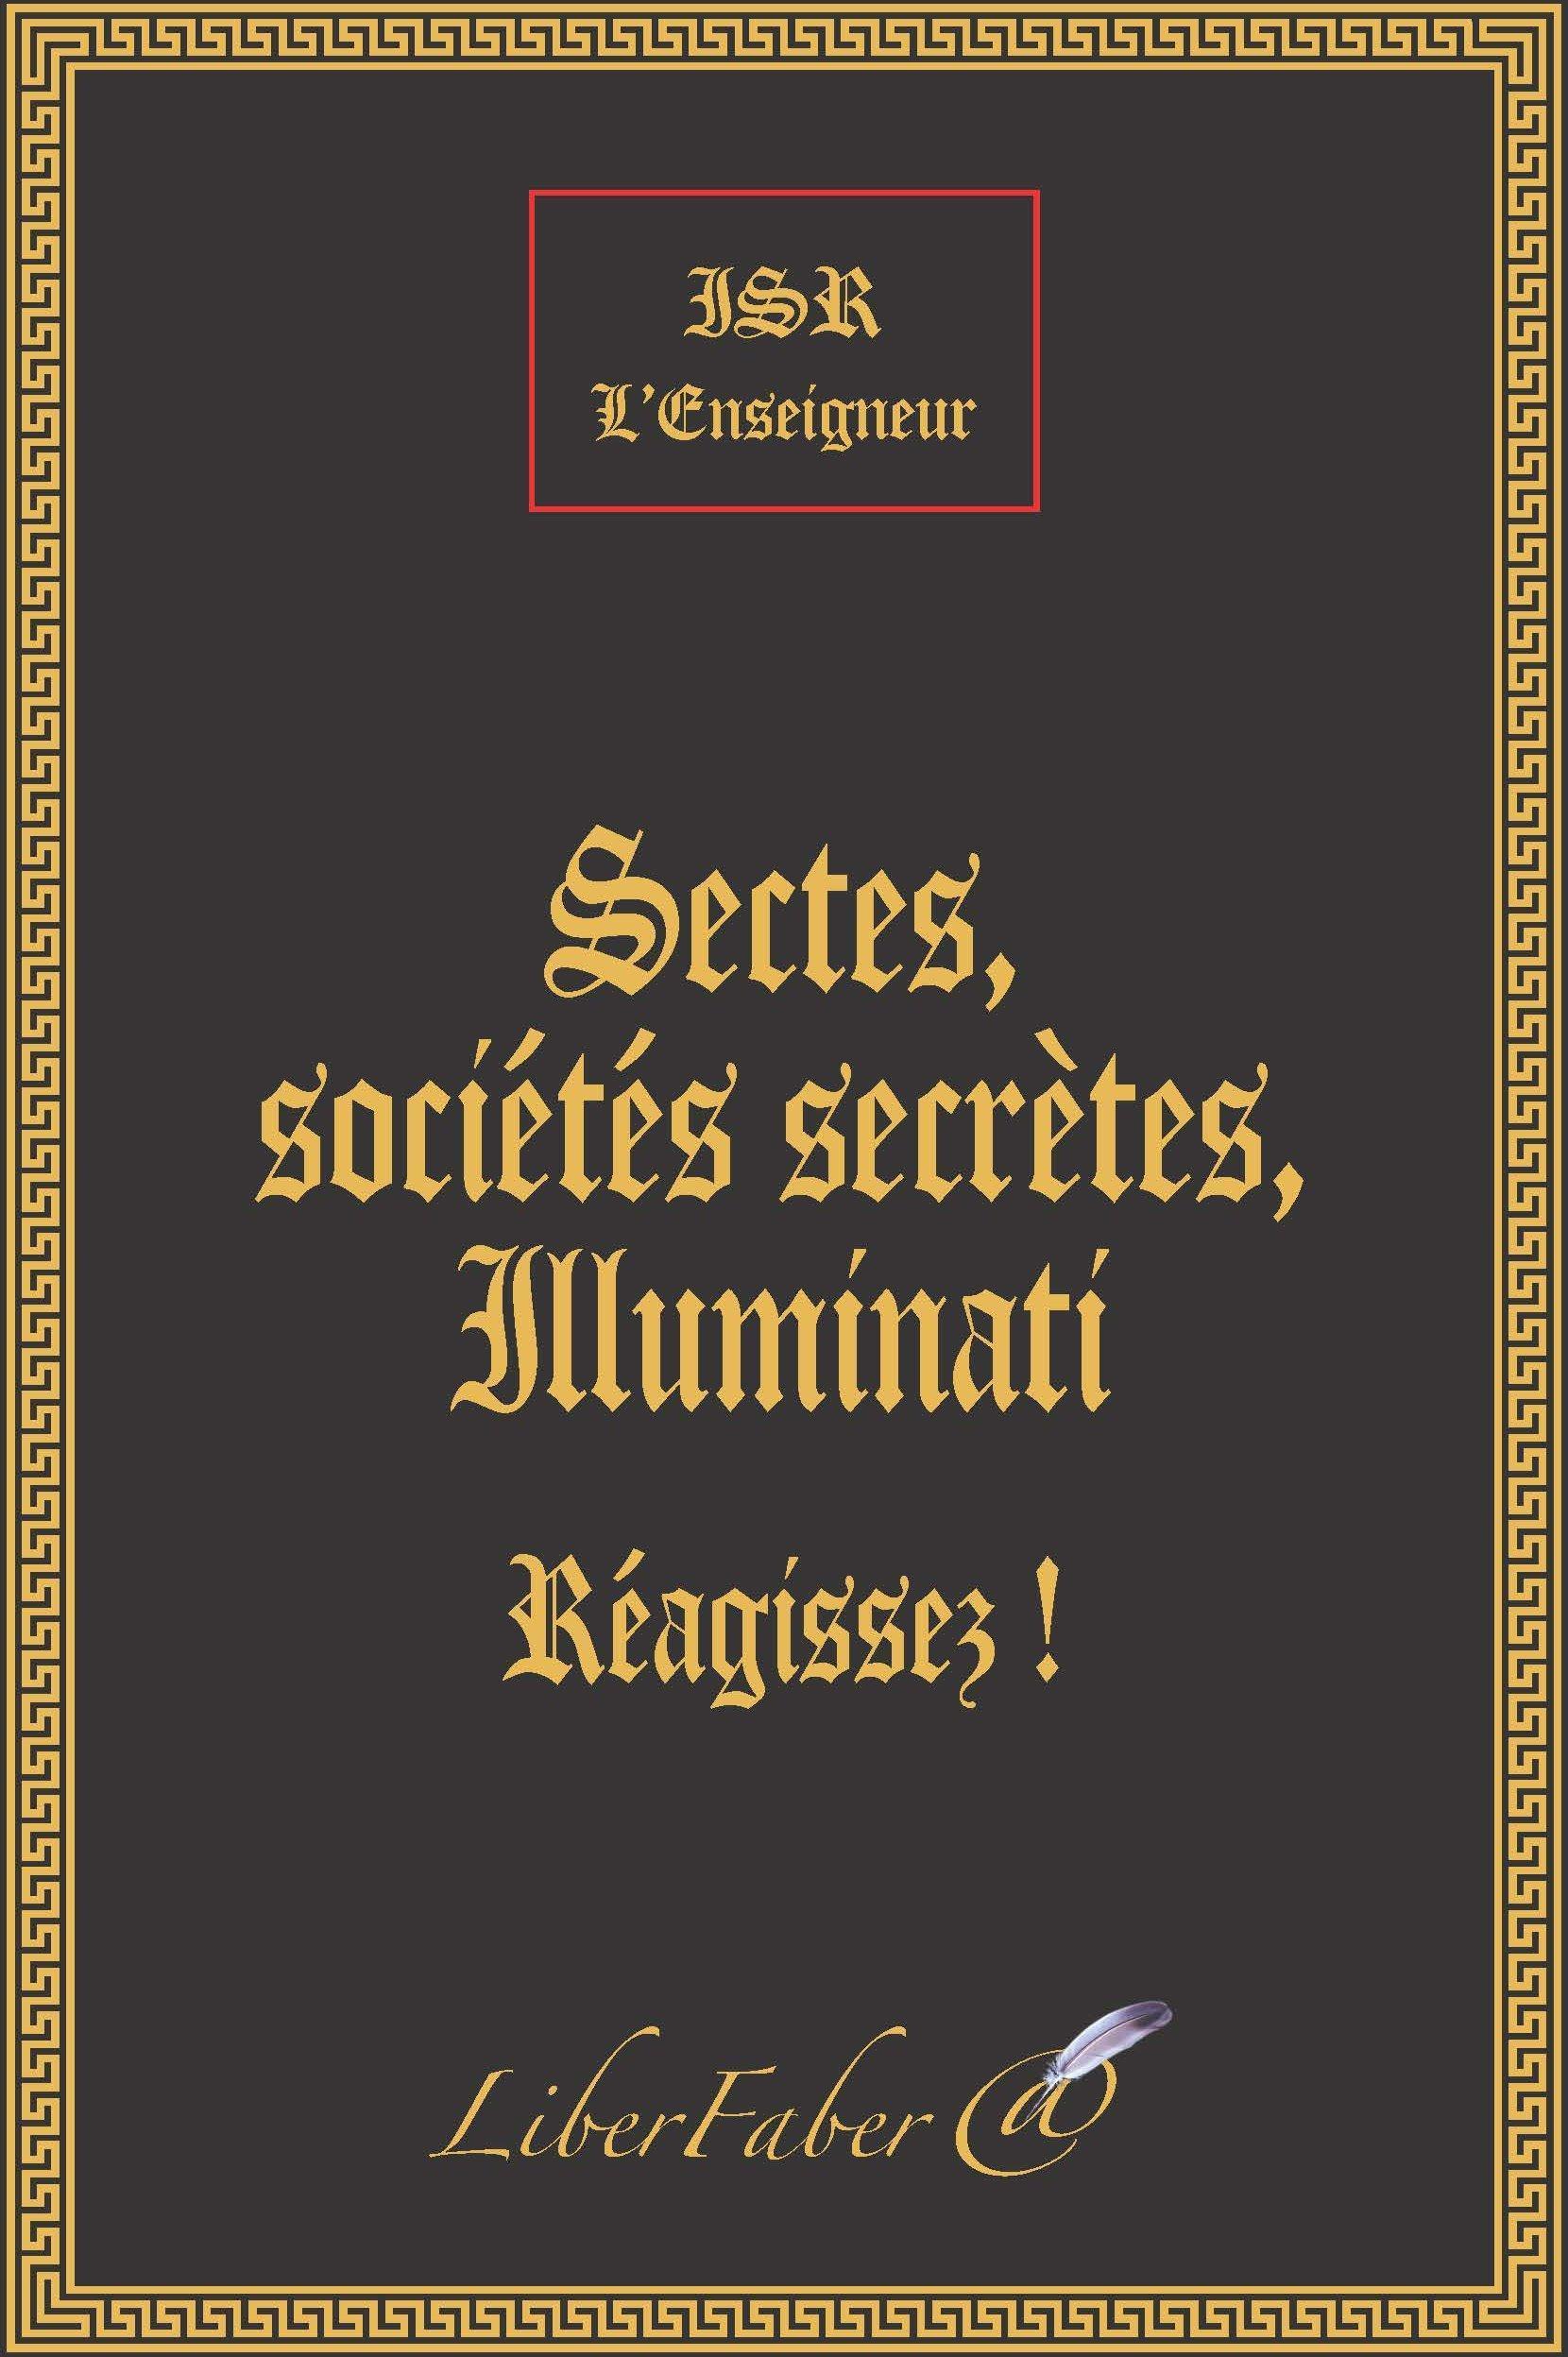 Sectes, sociétés secrètes, Illuminati